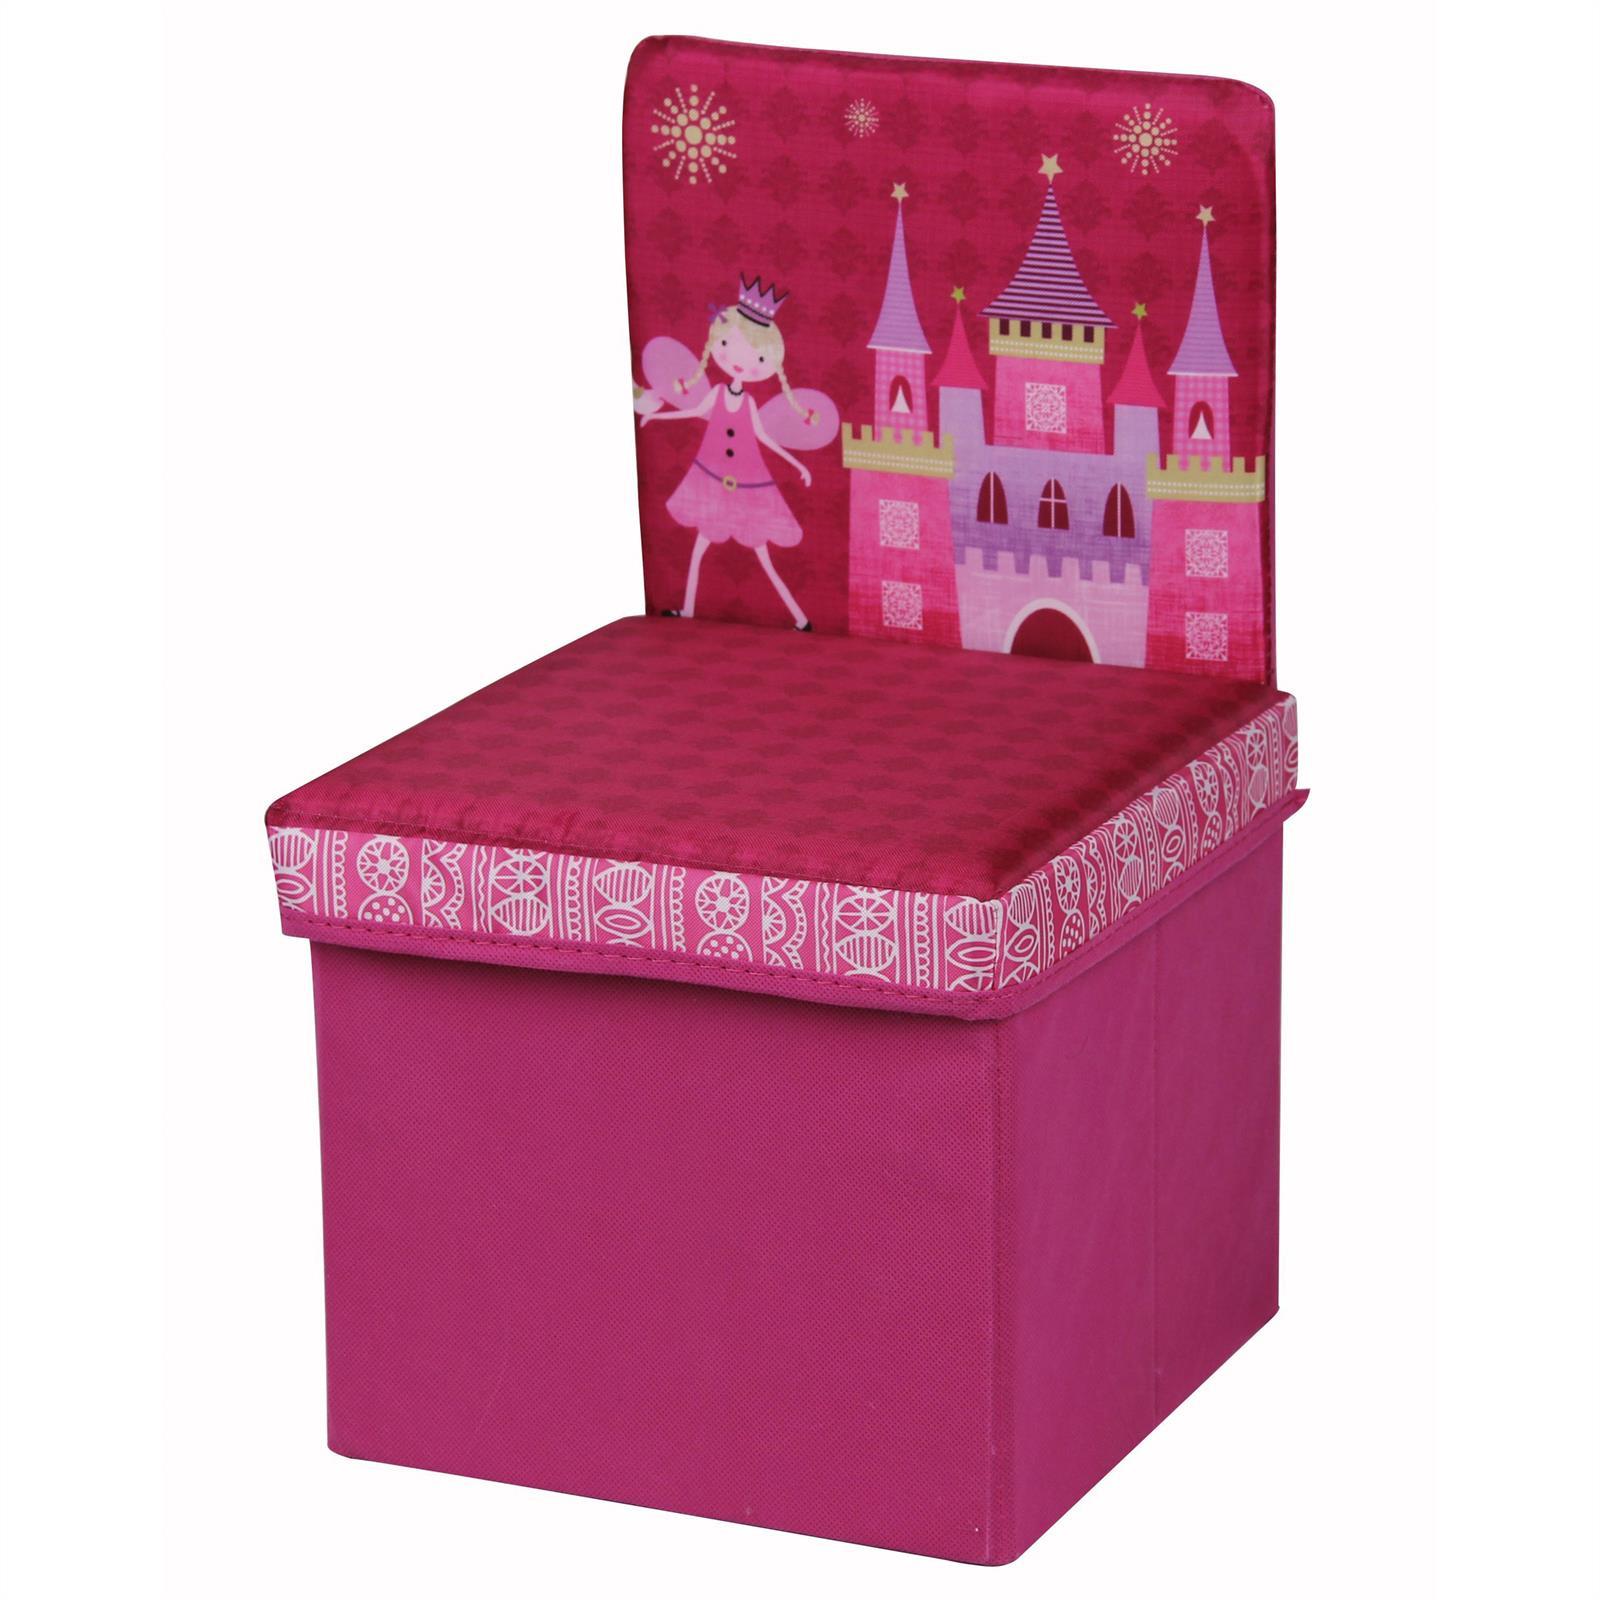 kinderstuhl sitzhocker aufbewahrungsbox faltsessel kinderzimmer blau oder pink ebay. Black Bedroom Furniture Sets. Home Design Ideas